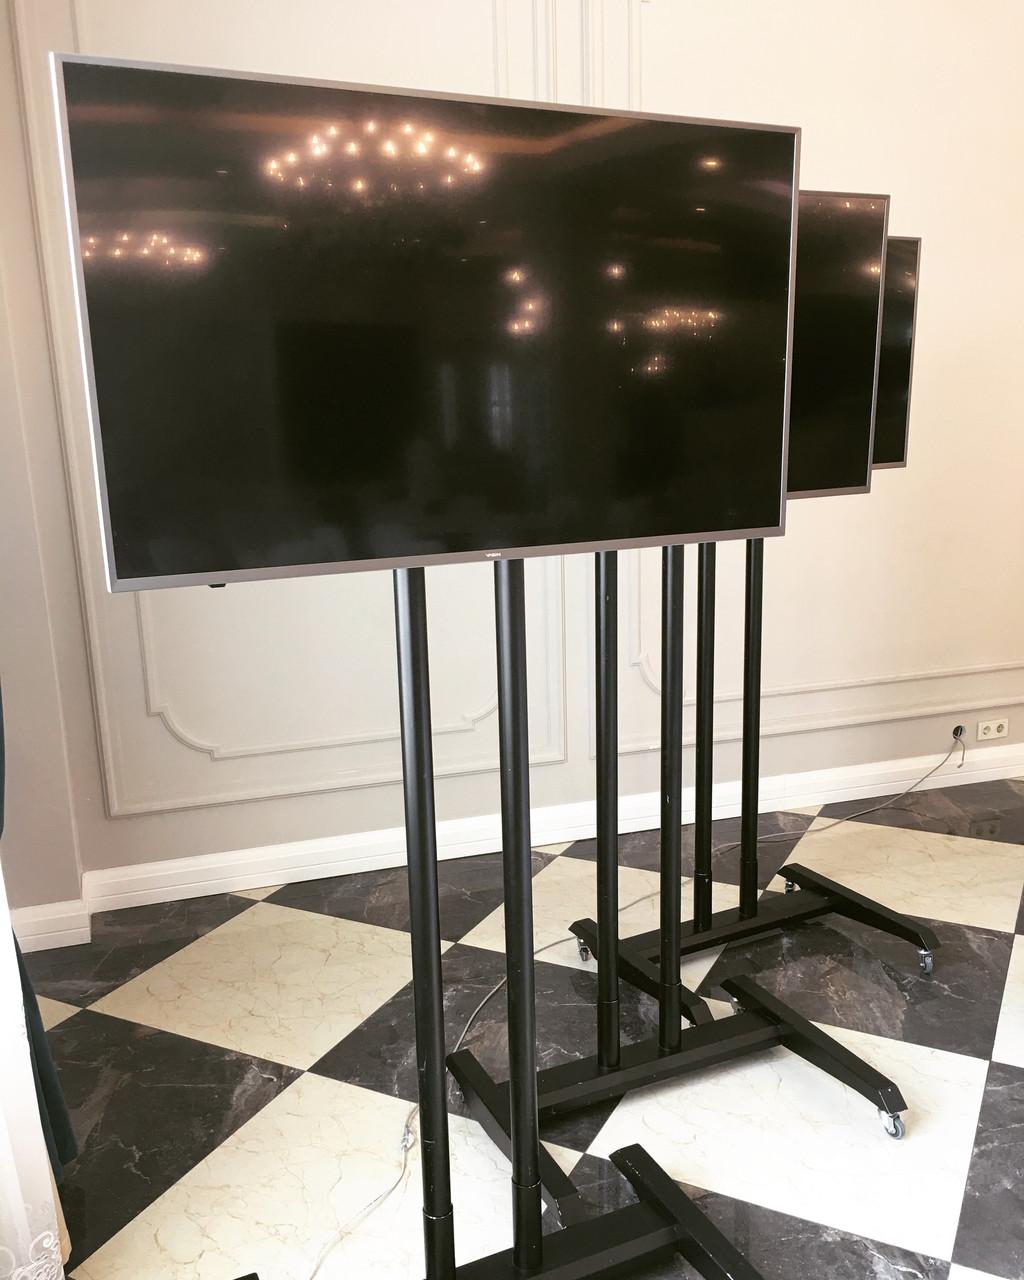 Аренда телевизоров LG 4K Smart - фото 1